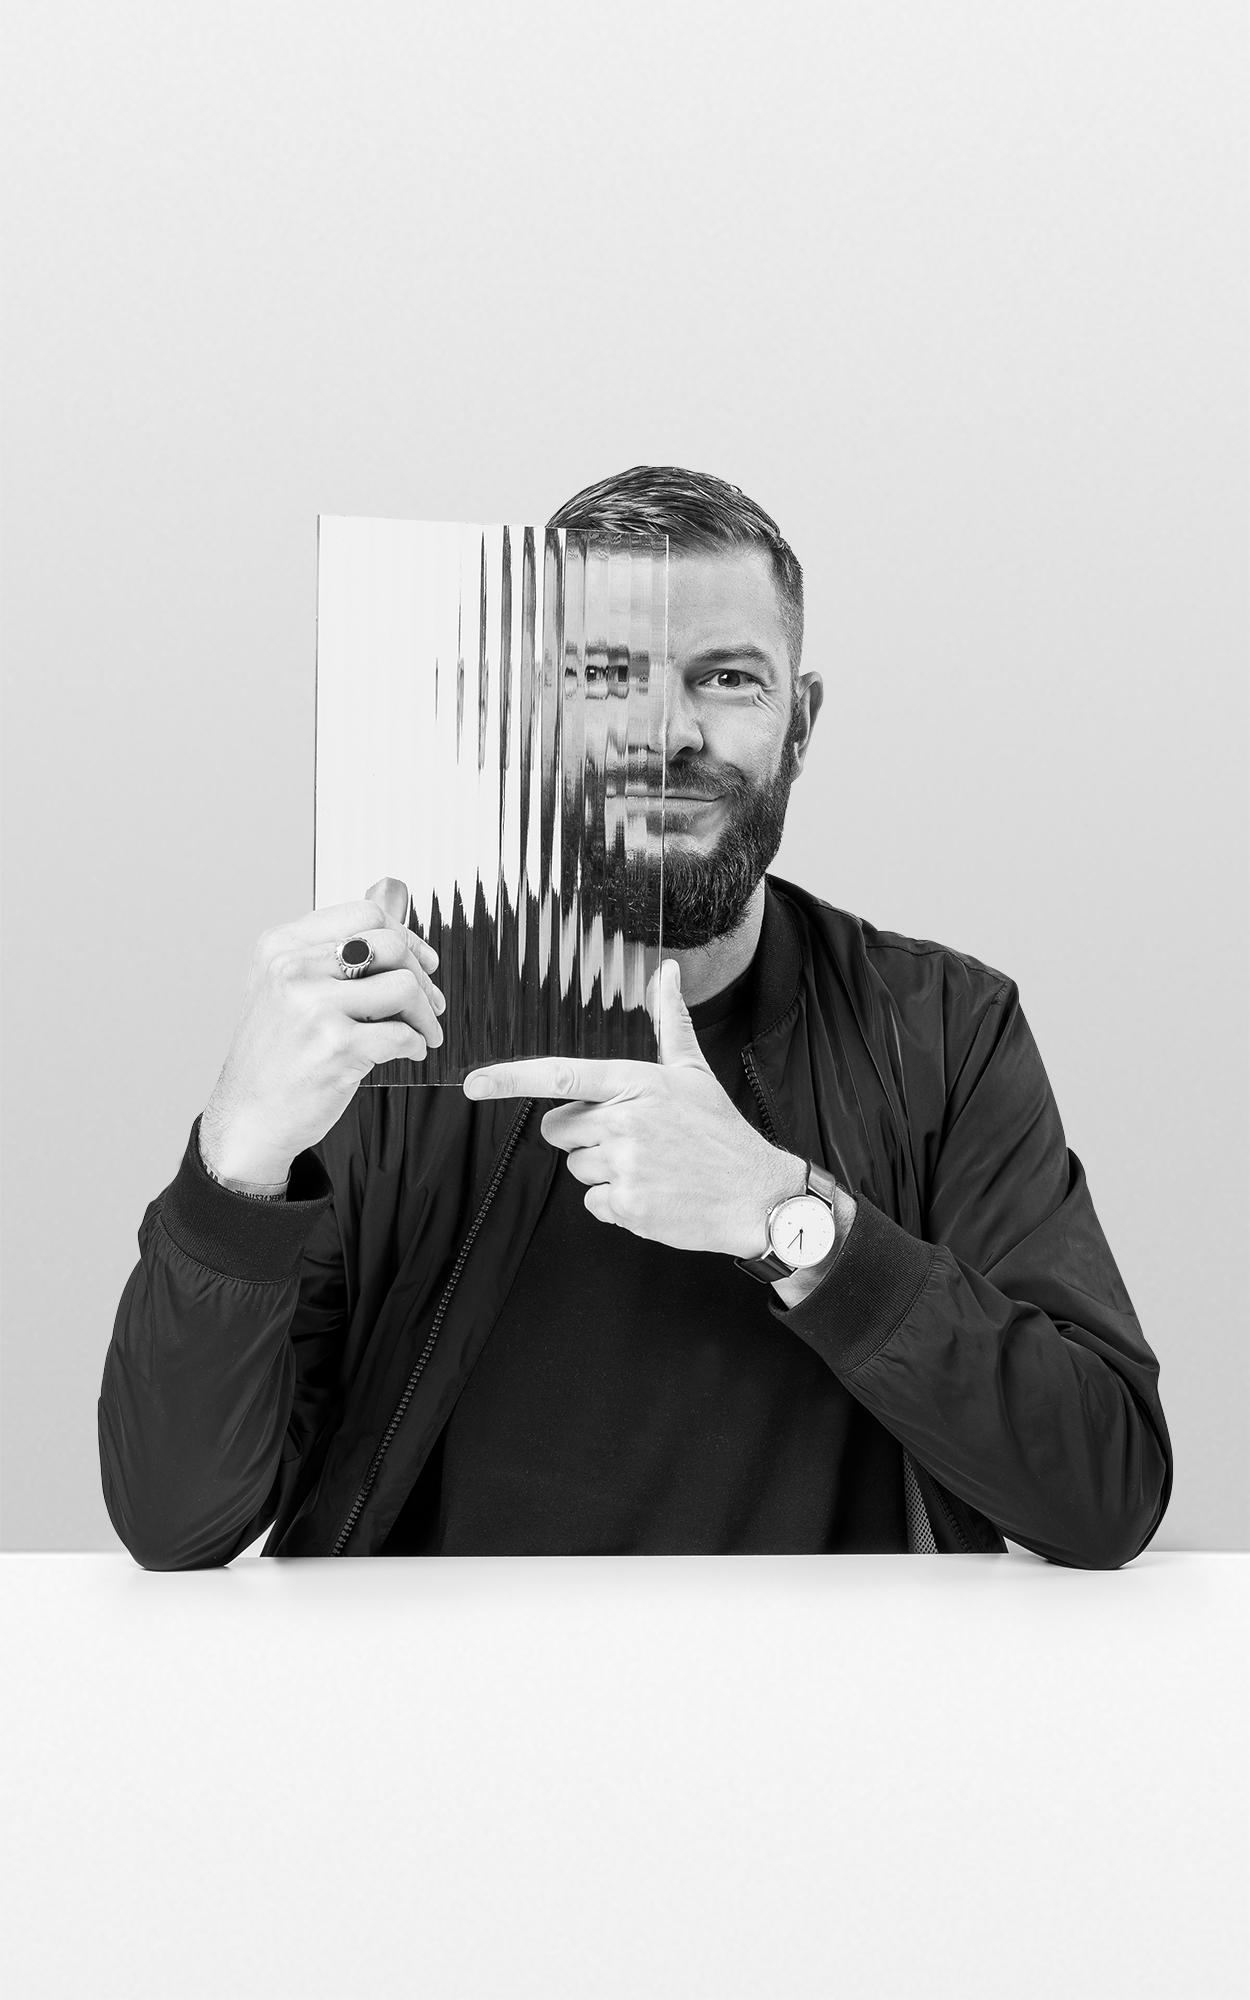 Dominik Schäfer